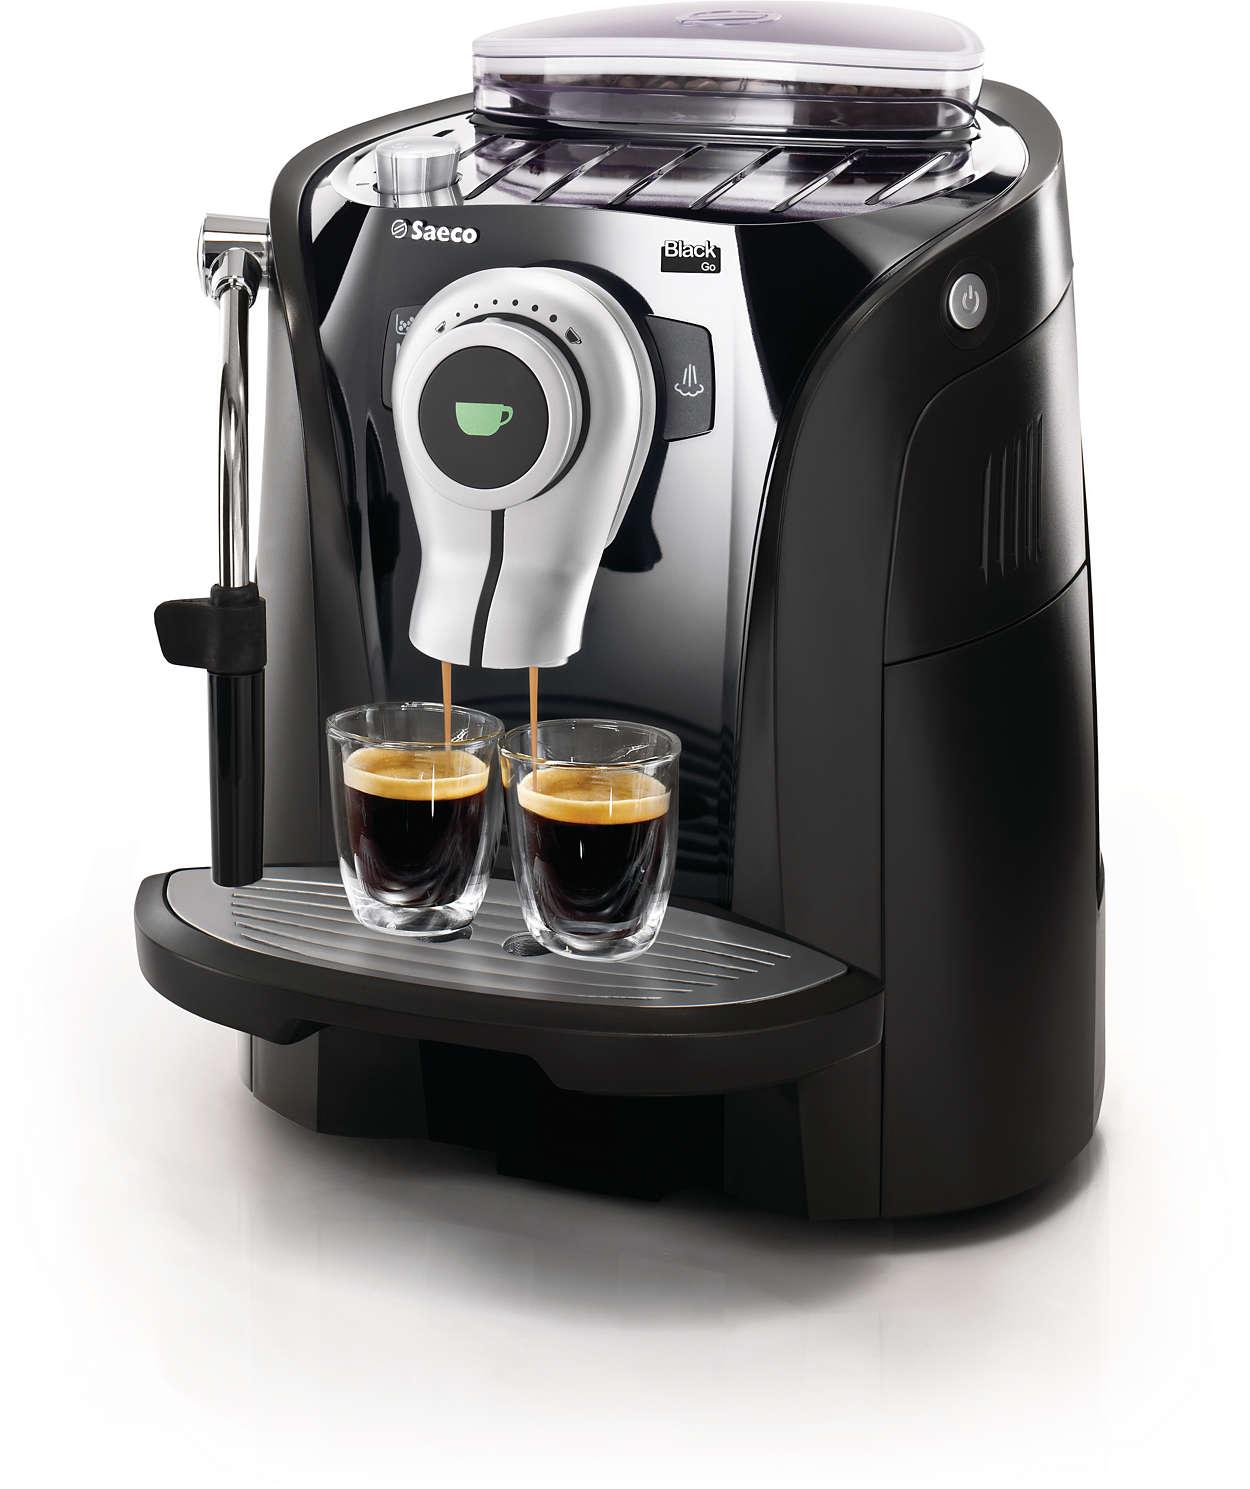 Conception tendance et fonctionnelle pour votre espresso